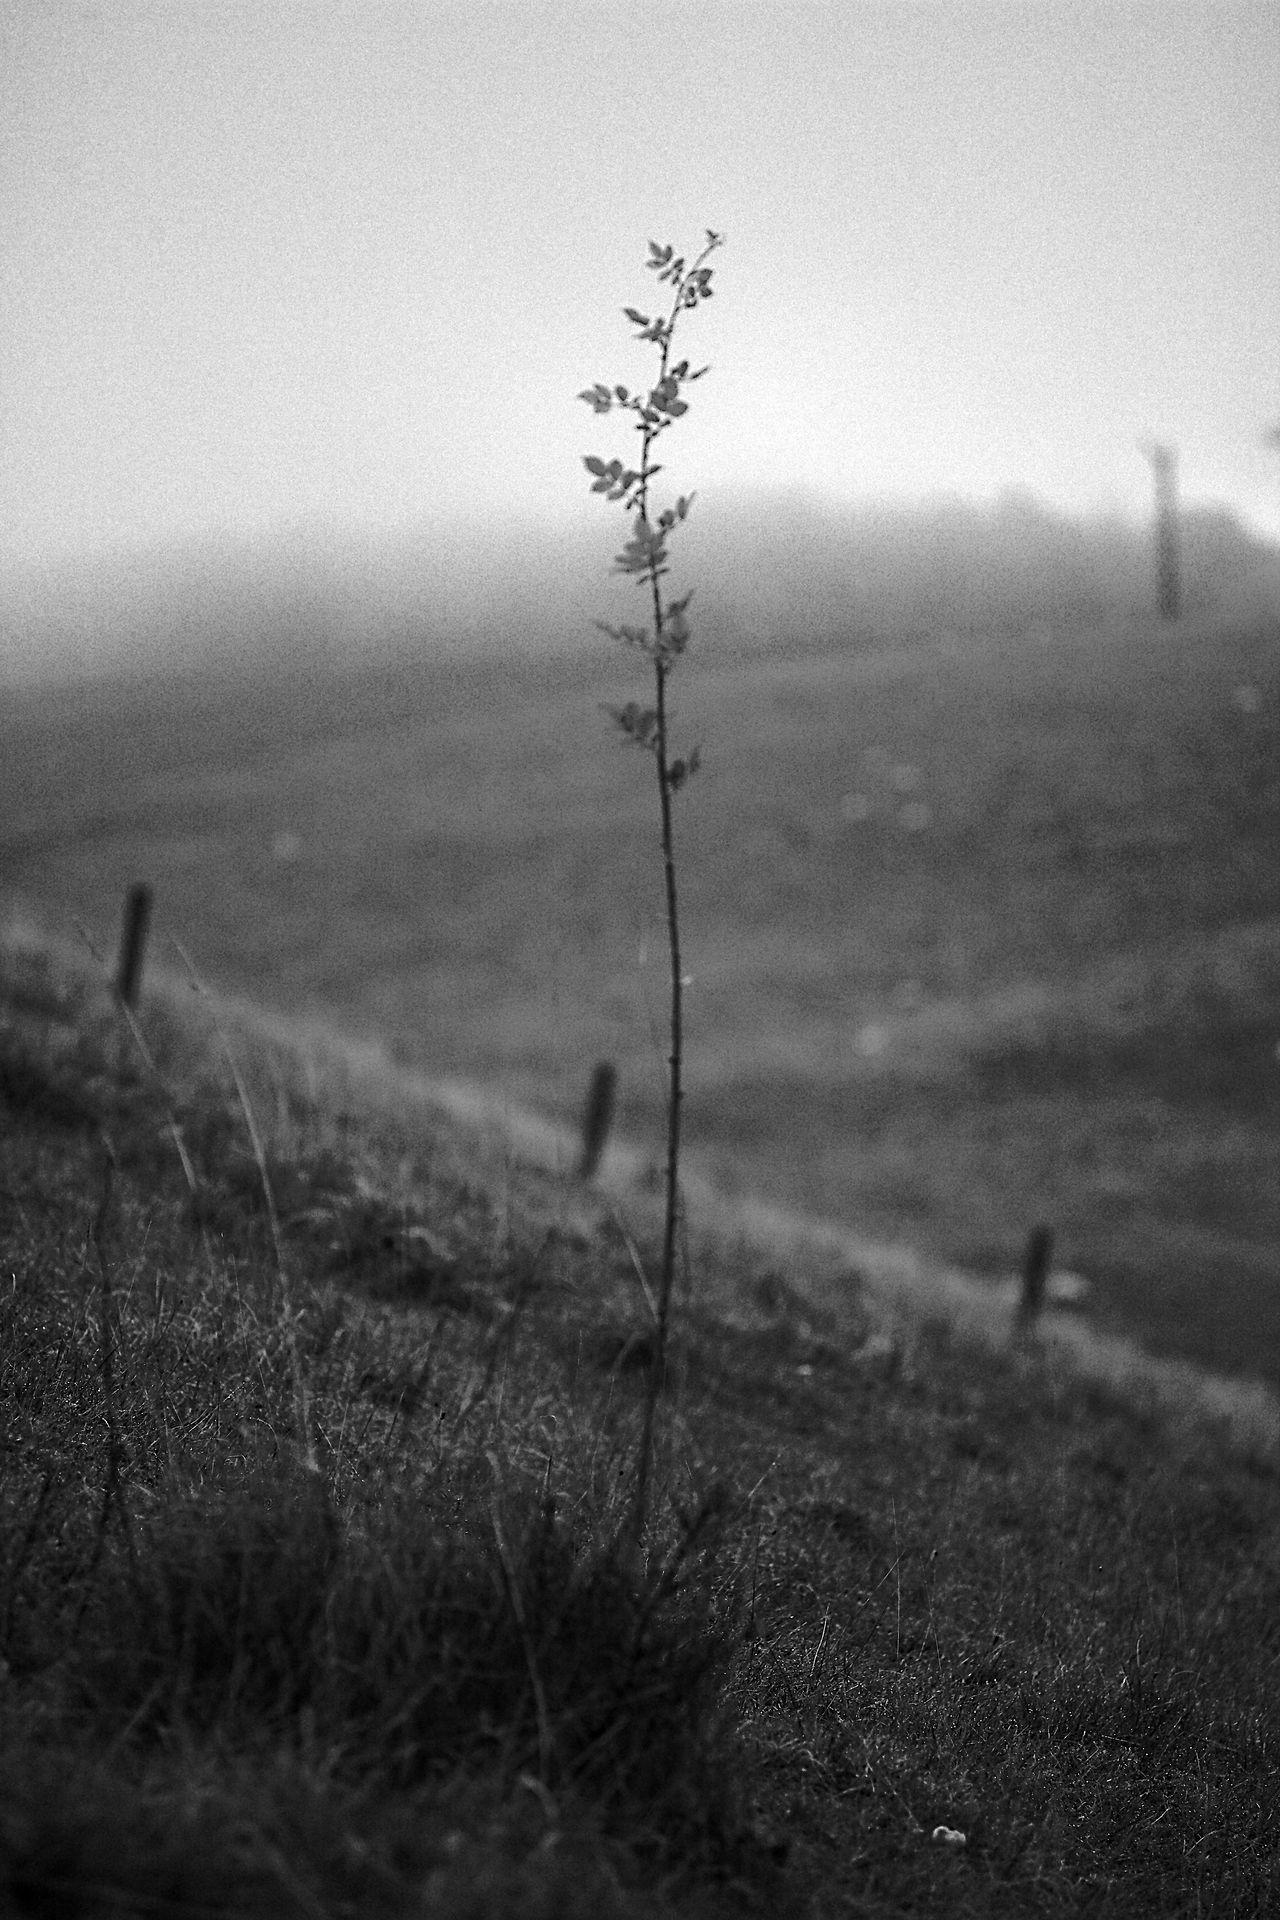 The Infant Black & White Blackandwhite Fog Hills Tree